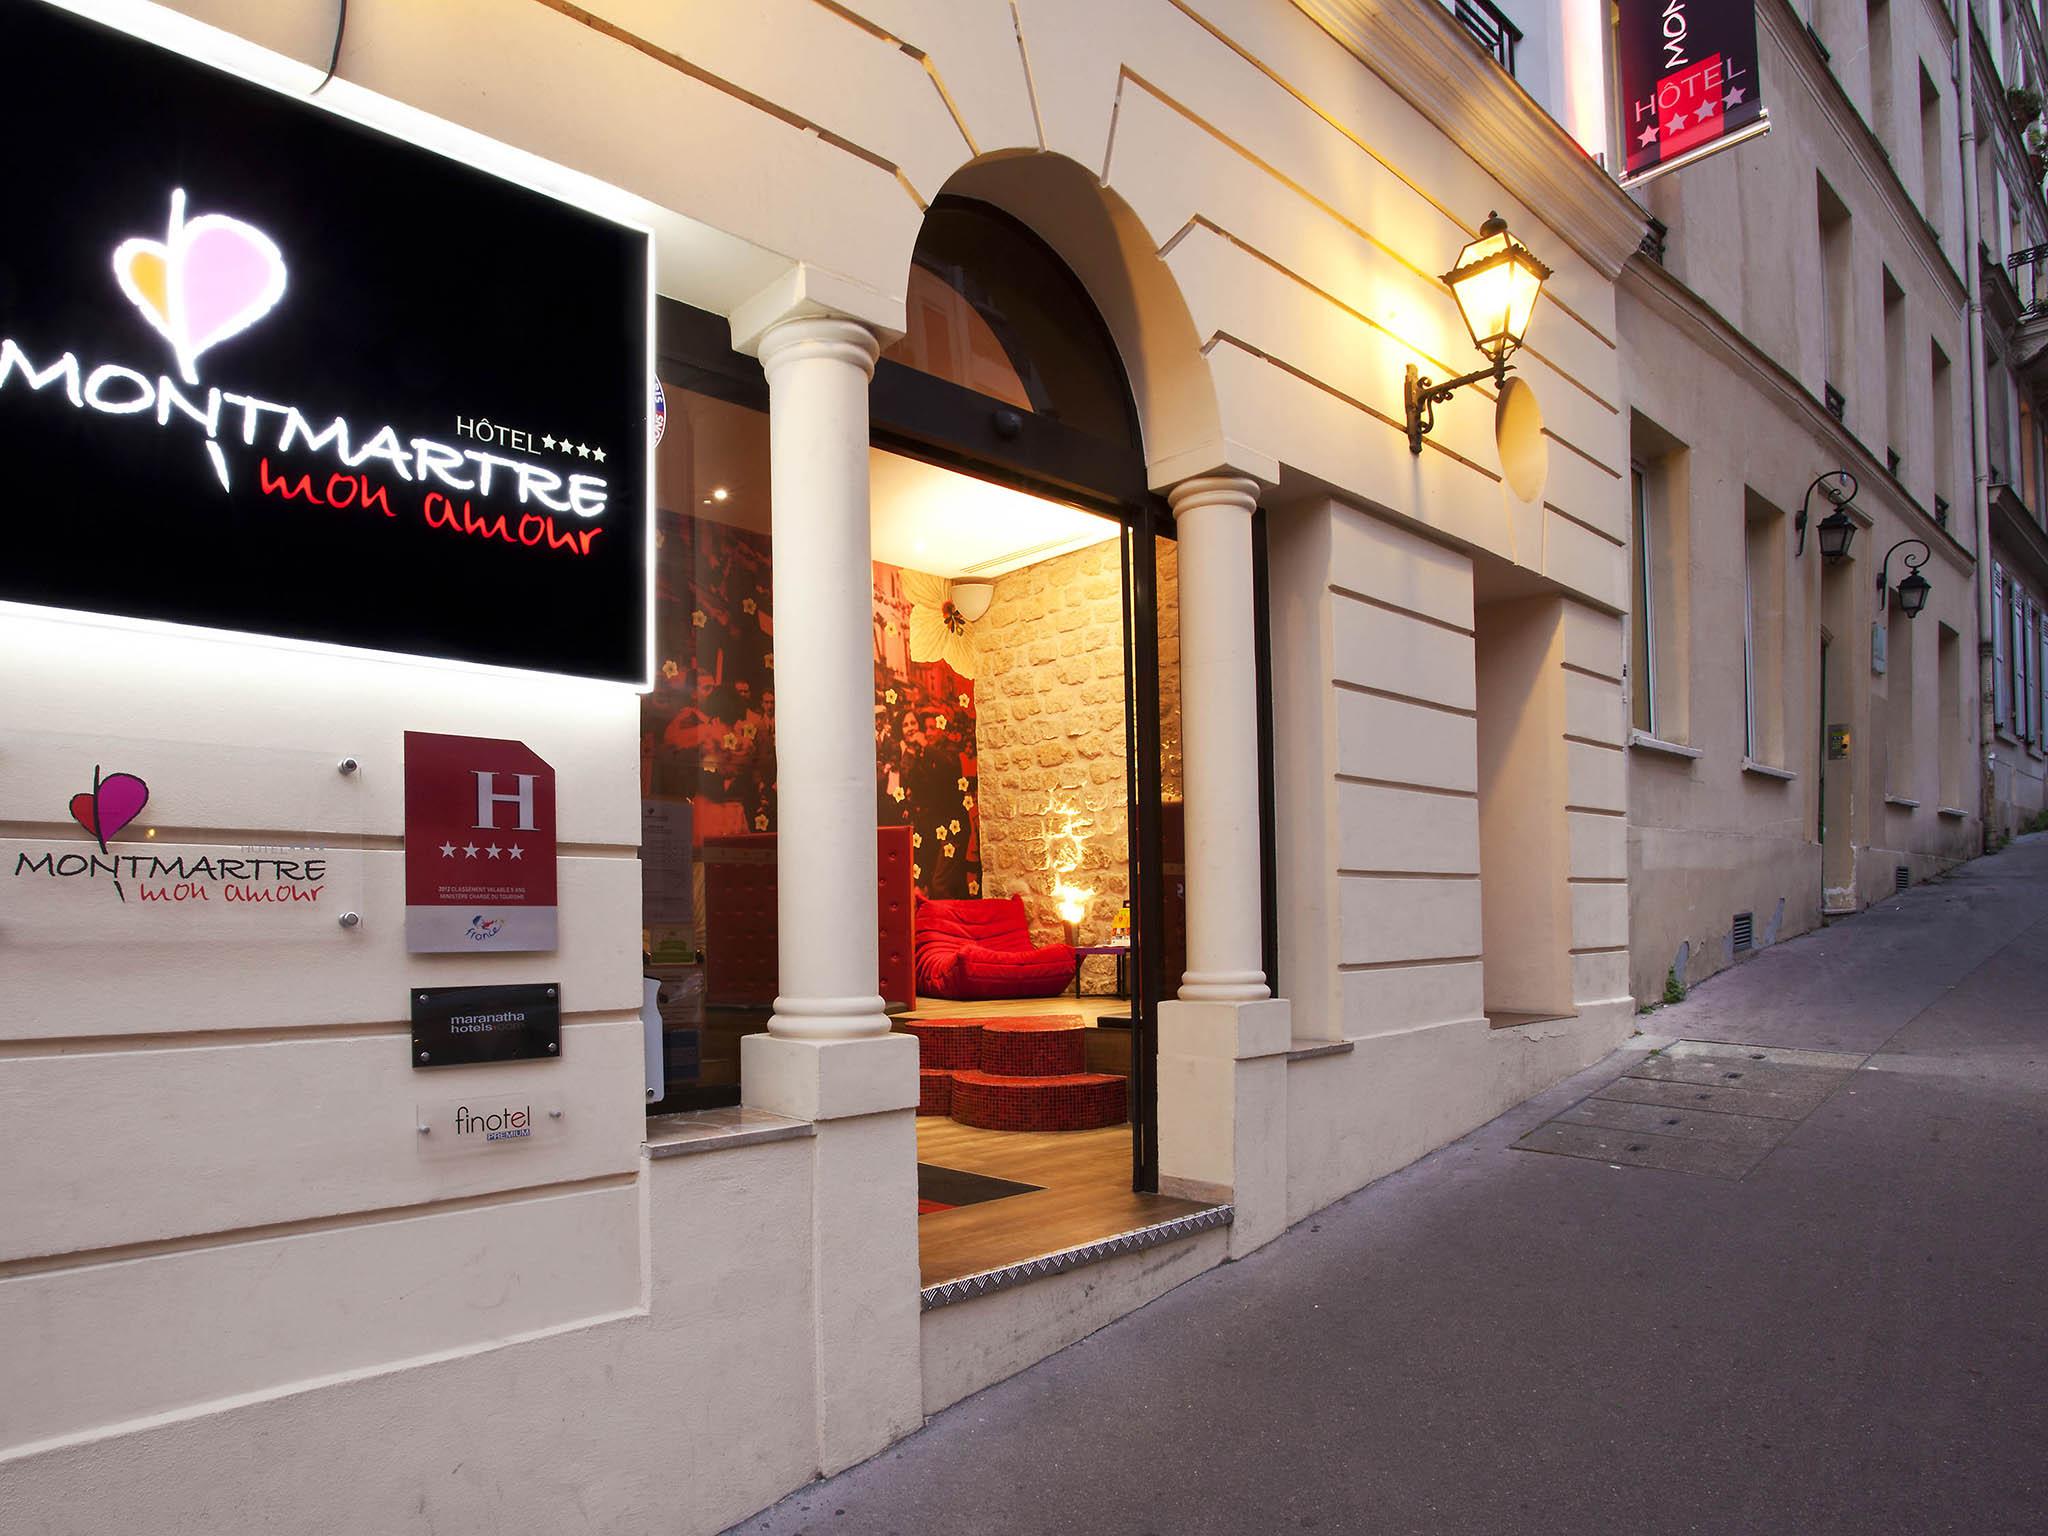 Extrêmement Hotel in PARIS - Hotel Montmartre Mon Amour CB94